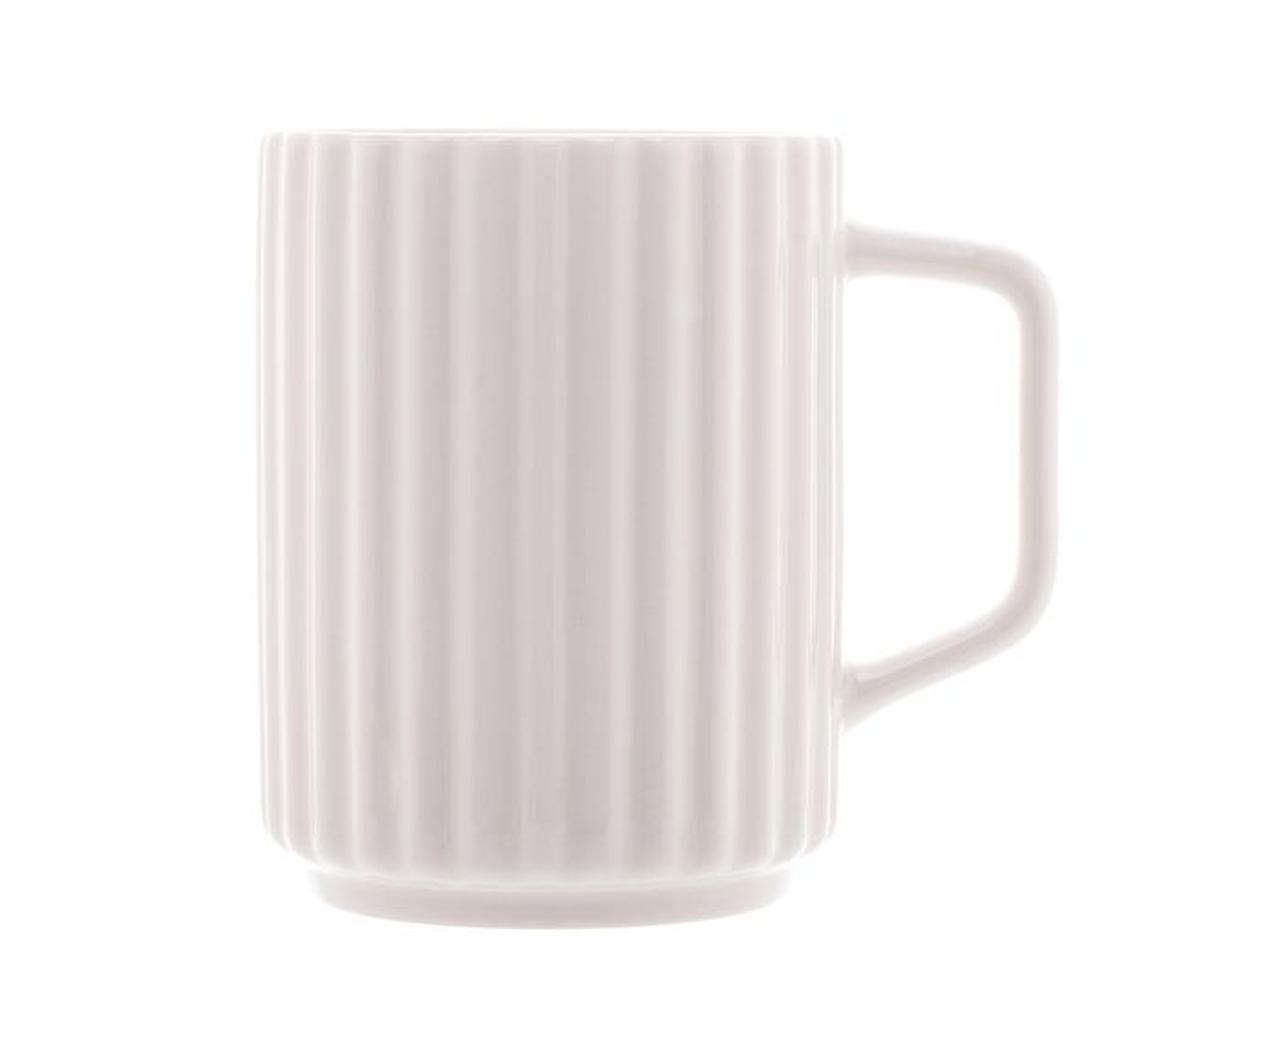 Caneca de Porcelana - 340ml  - CASACOBRE